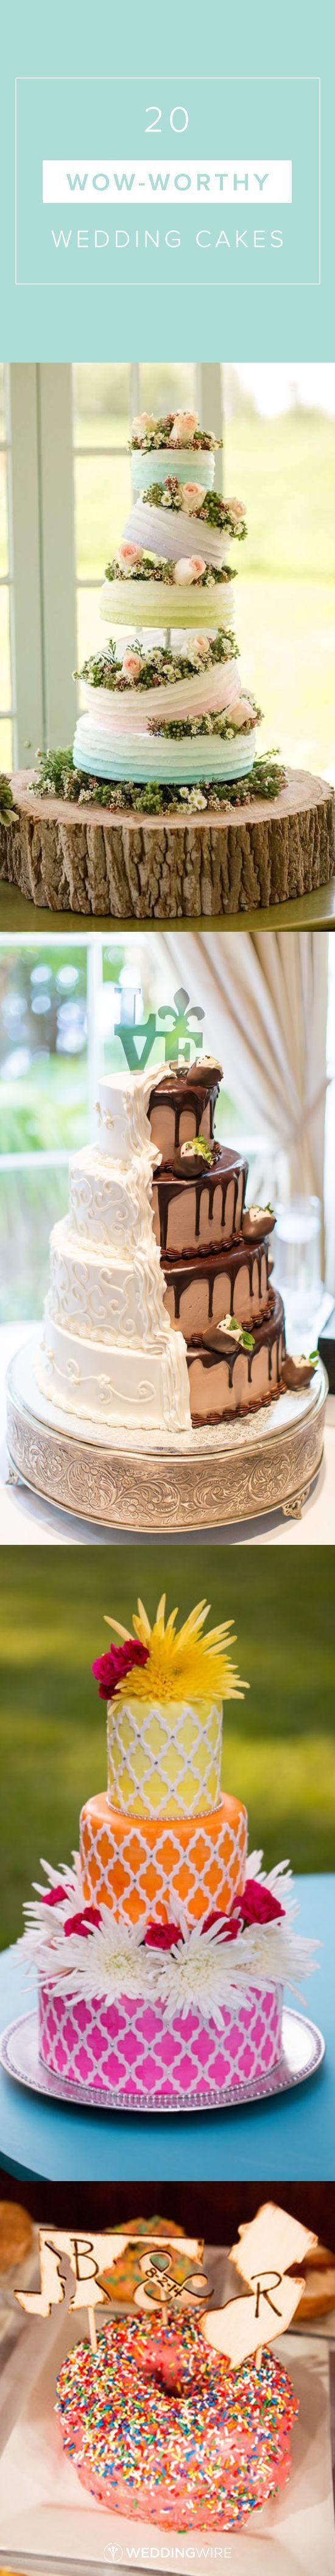 cool Pièce montée 2017 , 20 gâteaux de mariage qui vous guideront